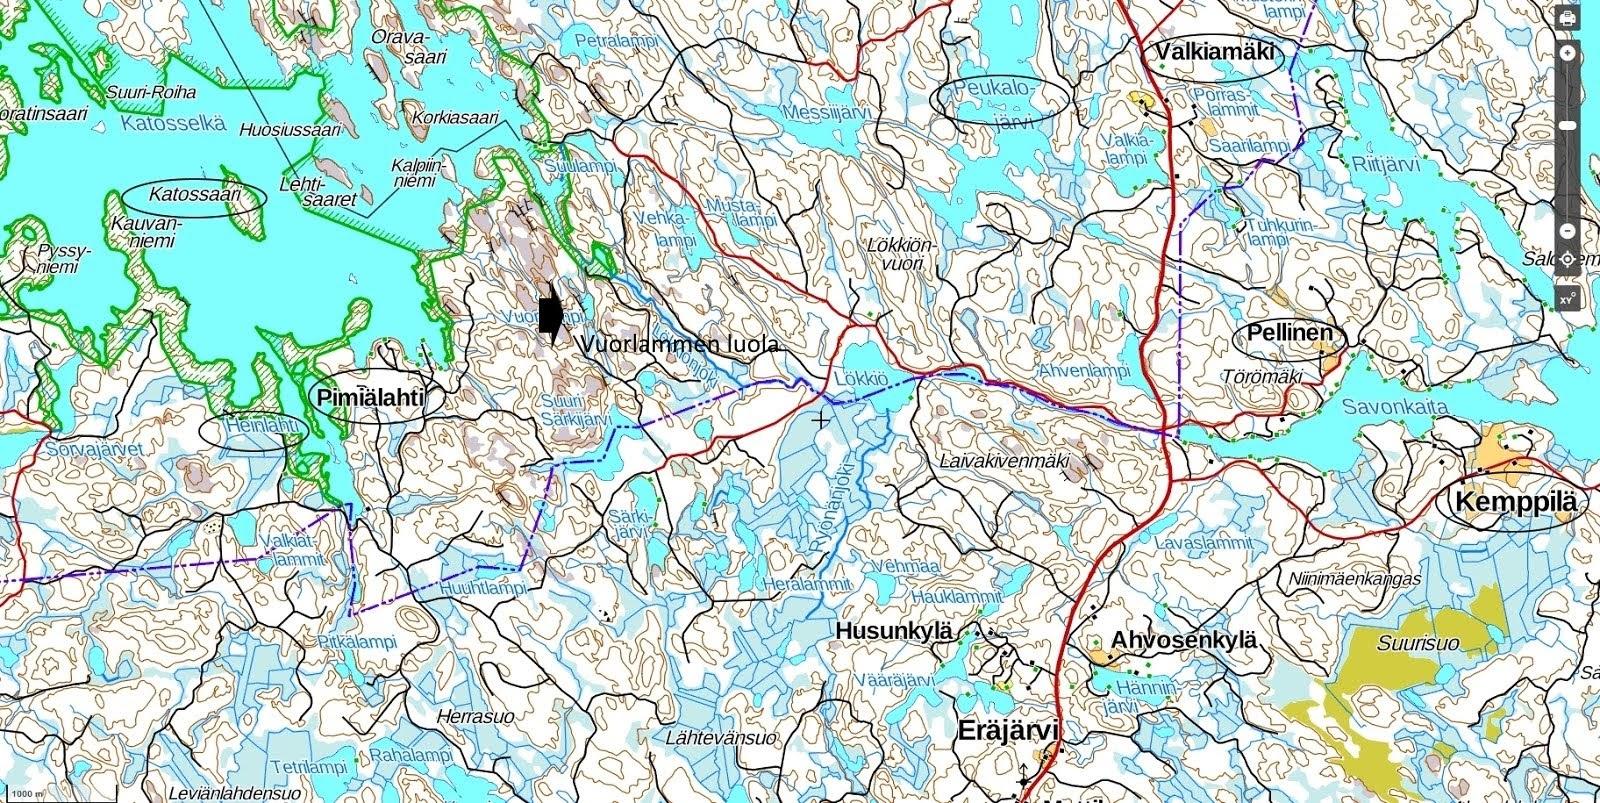 Makkerin Blogi Metsakaartilaisten Toimintaa Ja Heidan